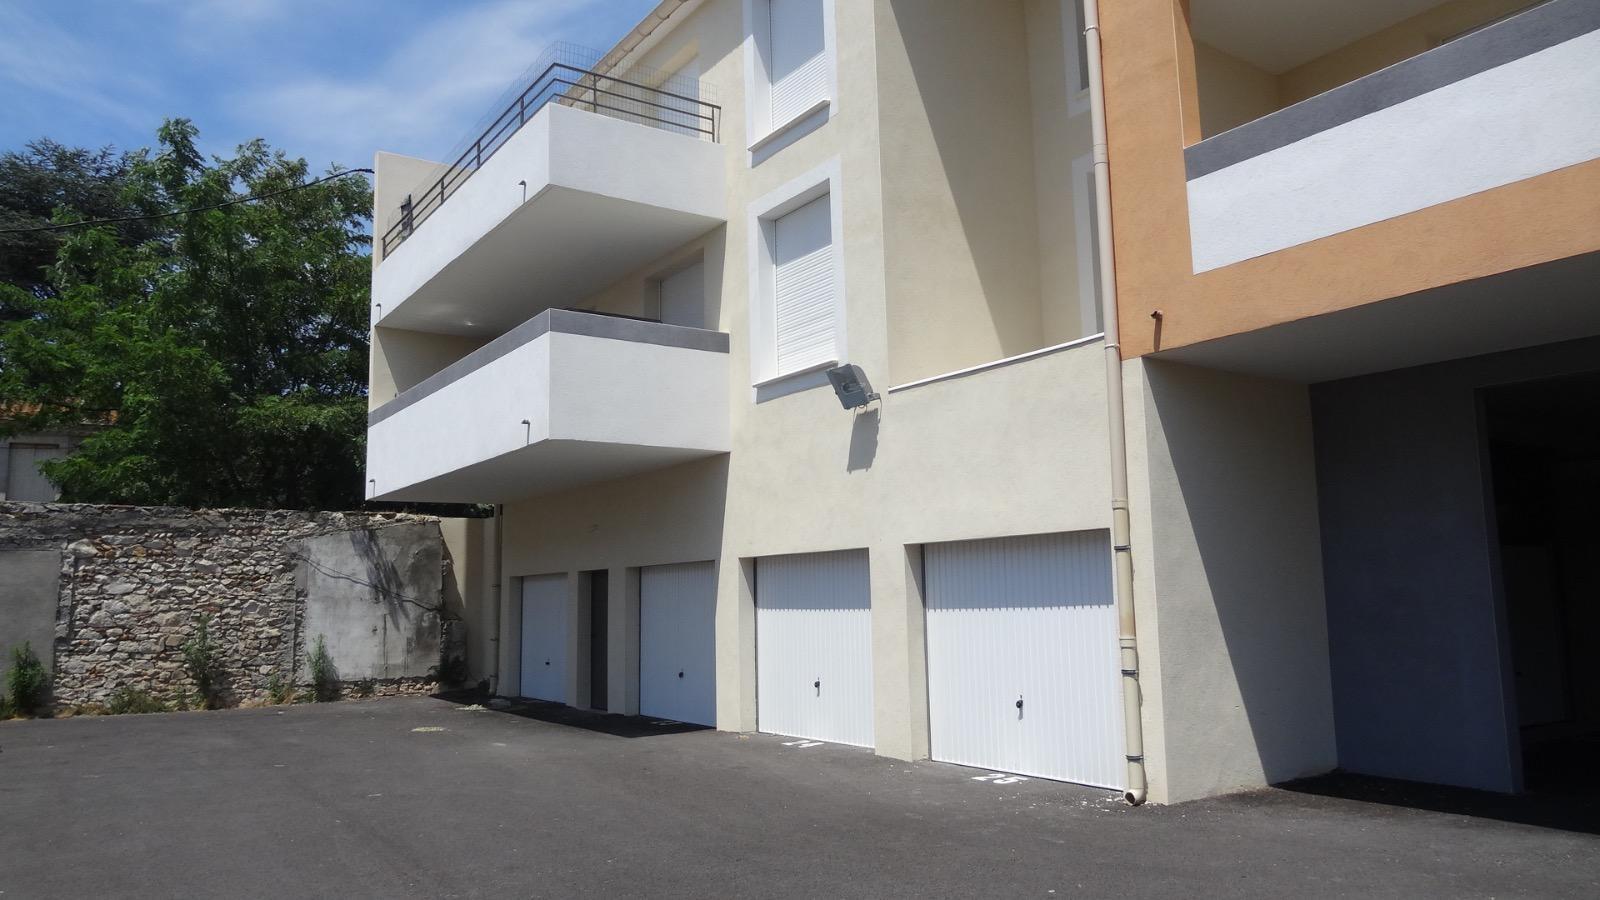 L 39 immobili re de la tour immobilier caissargues nimes for Garage ad nimes